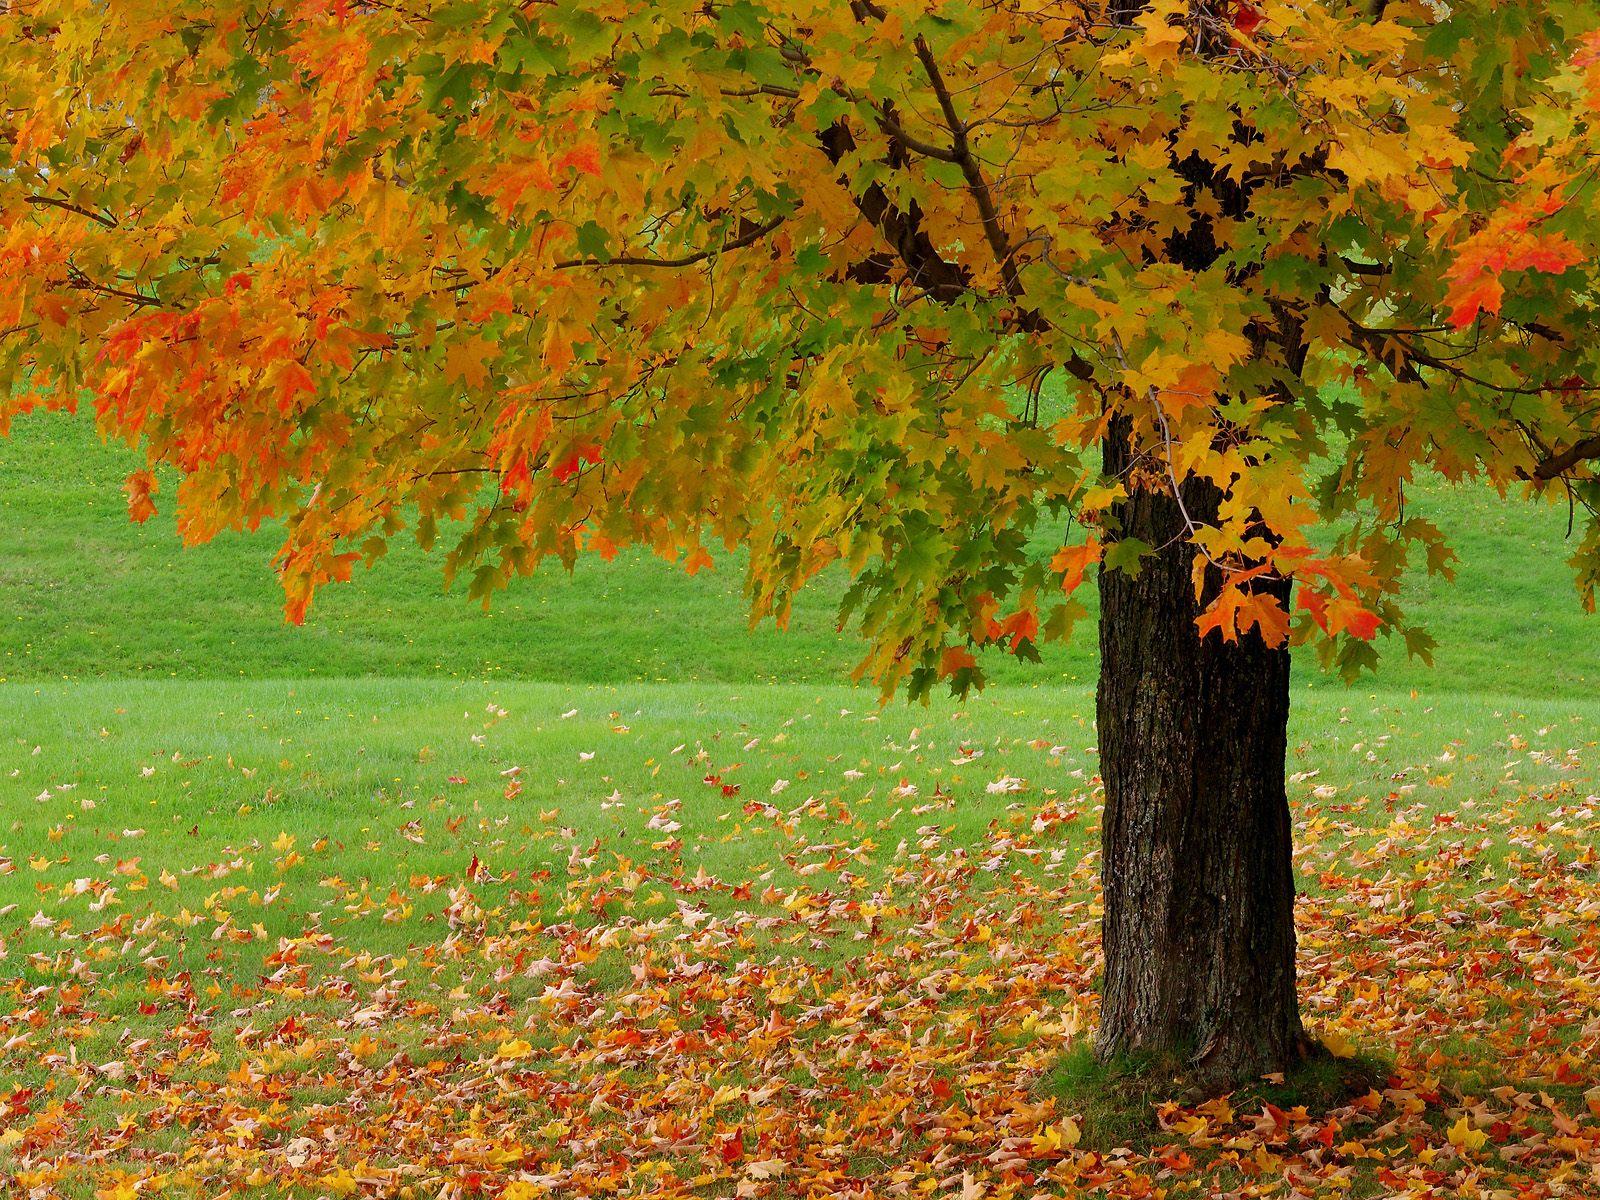 autumn season wallpapers hd -#main